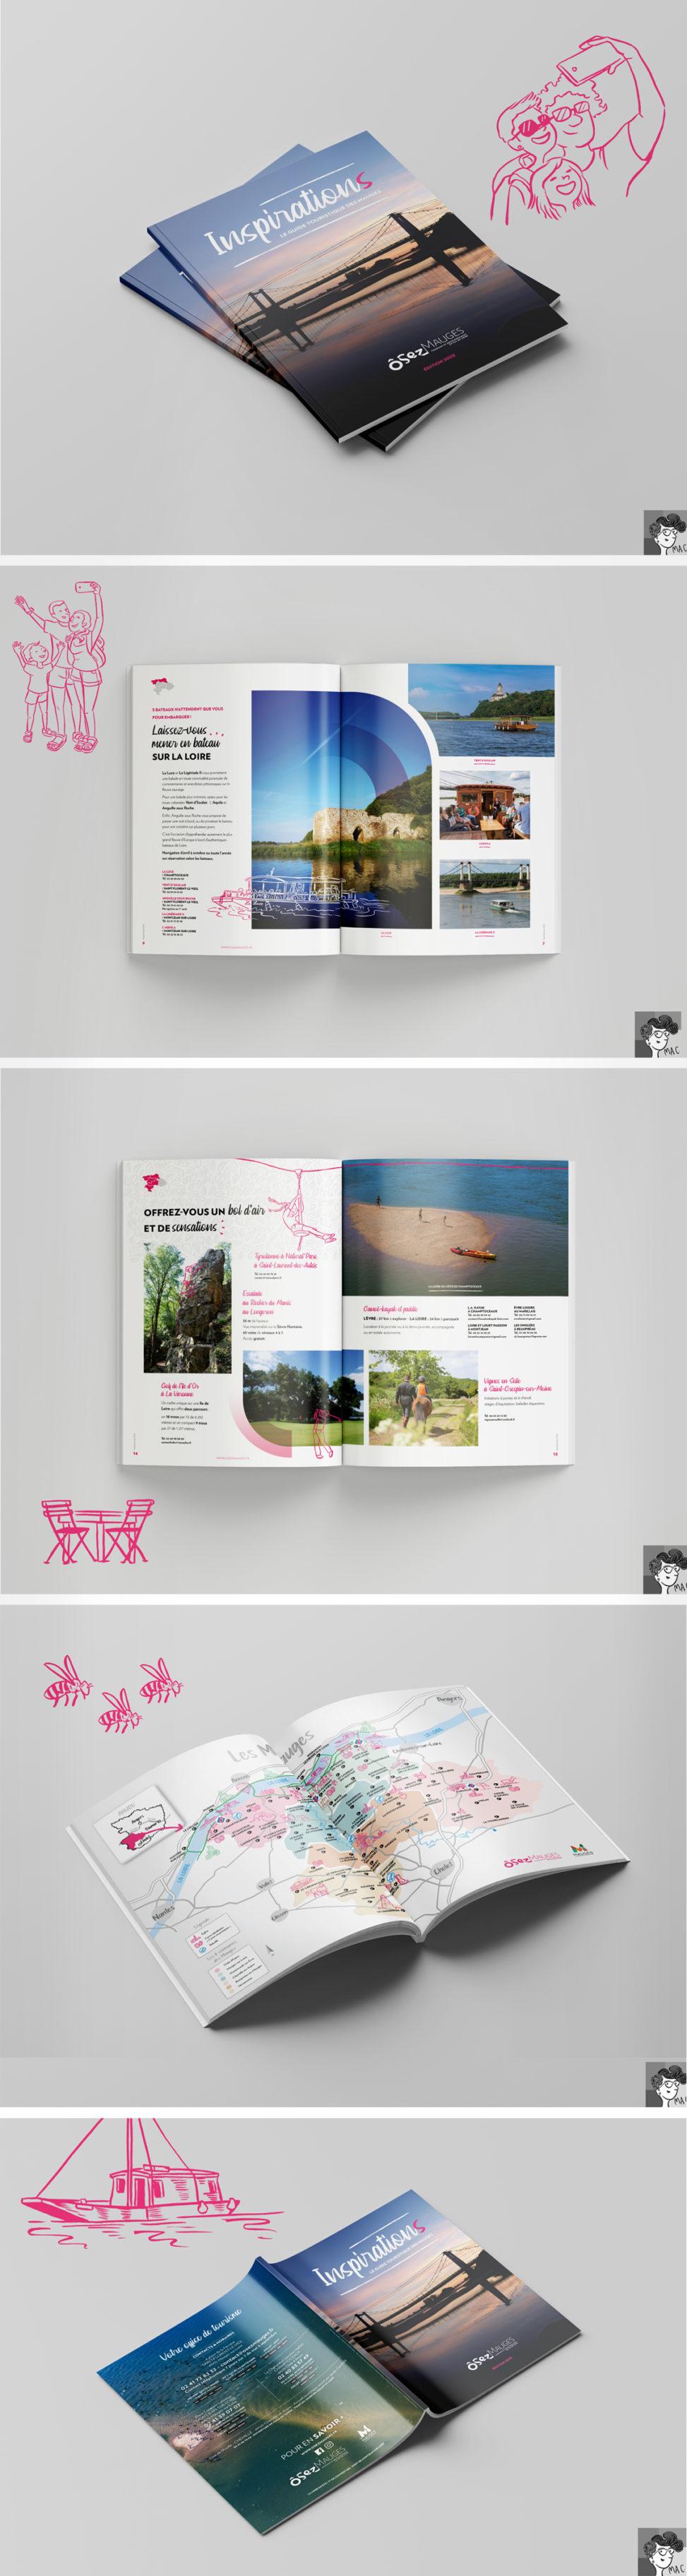 brochure tourisme territoire Les Mauges illustrateur Angers graphiste cartographie illustrations design graphique couleurs nature paysage personnage